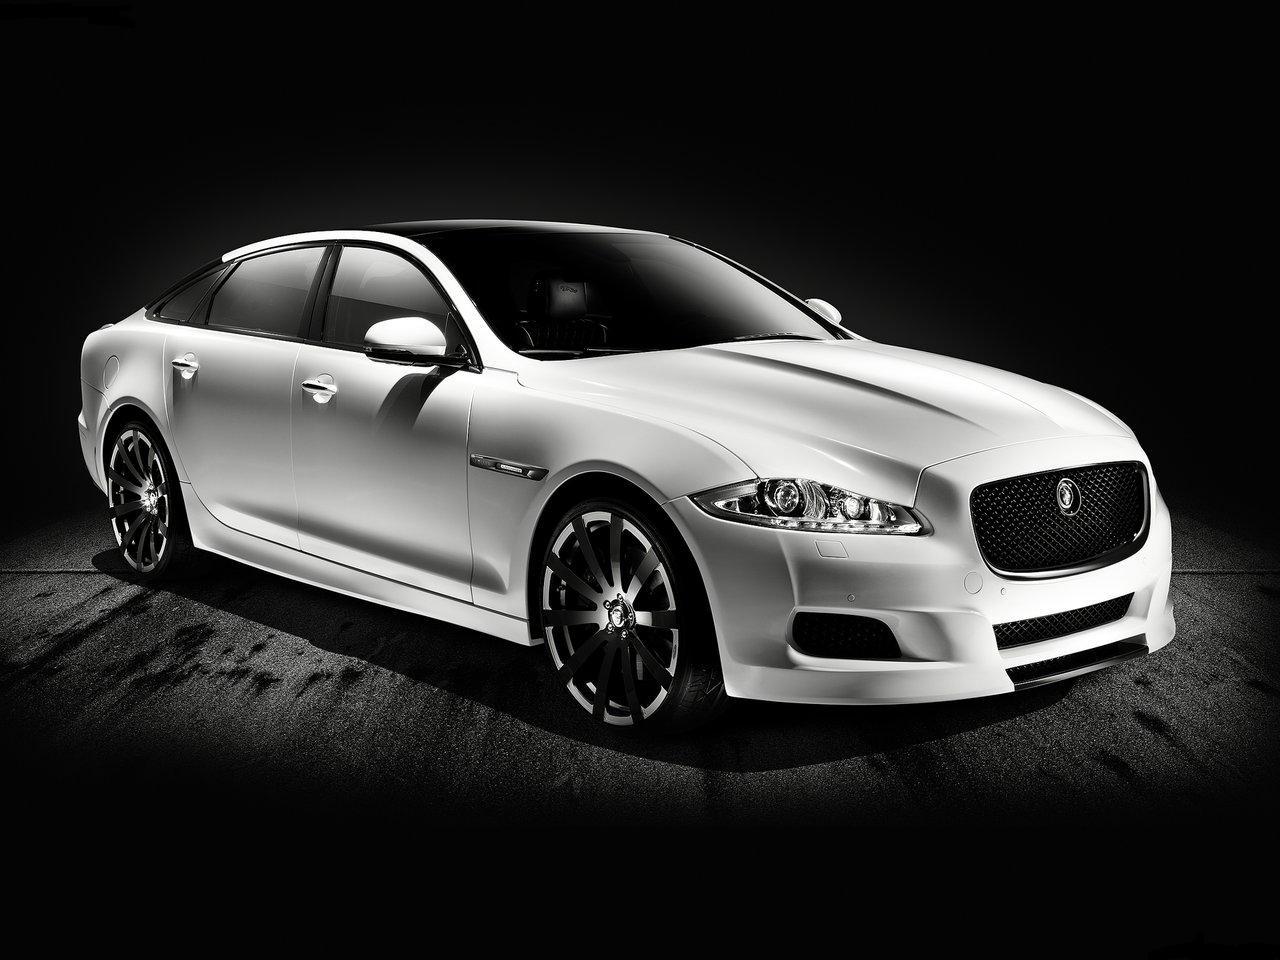 http://2.bp.blogspot.com/_3V1YR3u6VBg/TGkow44s5LI/AAAAAAAAFHk/bfpx6MsLz1M/s1600/Jaguar-XJ75_Platinum_Concept_2010_1280x960_wallpaper_01.jpg